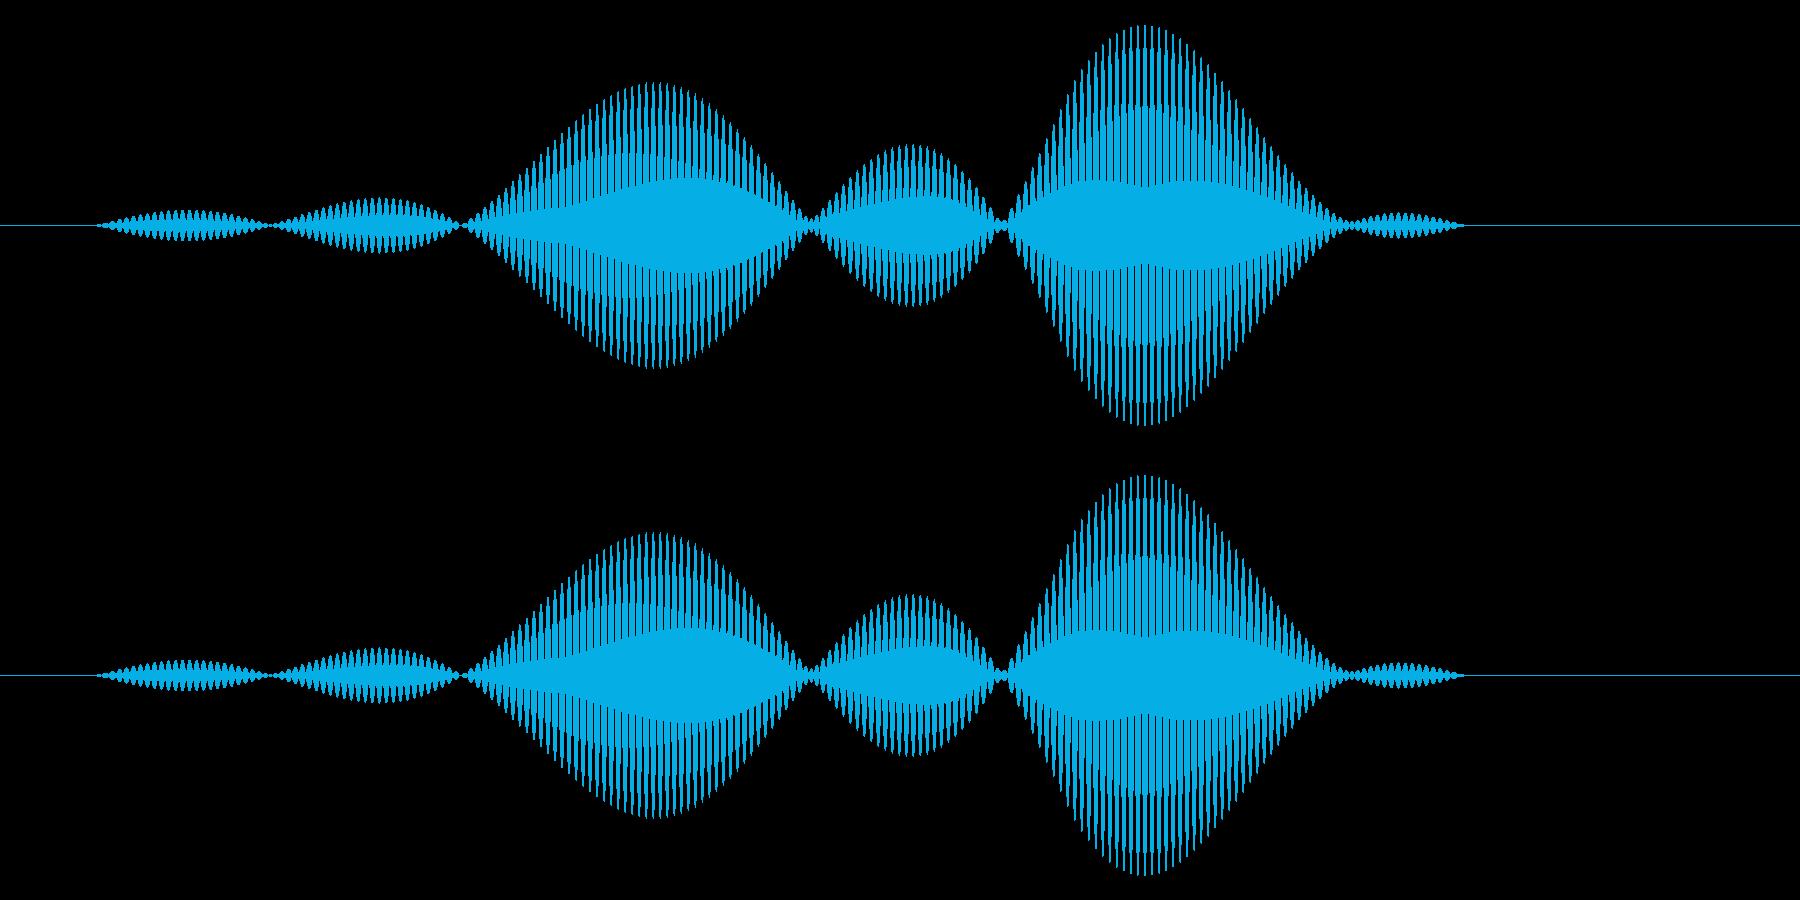 カーソル移動音8の再生済みの波形